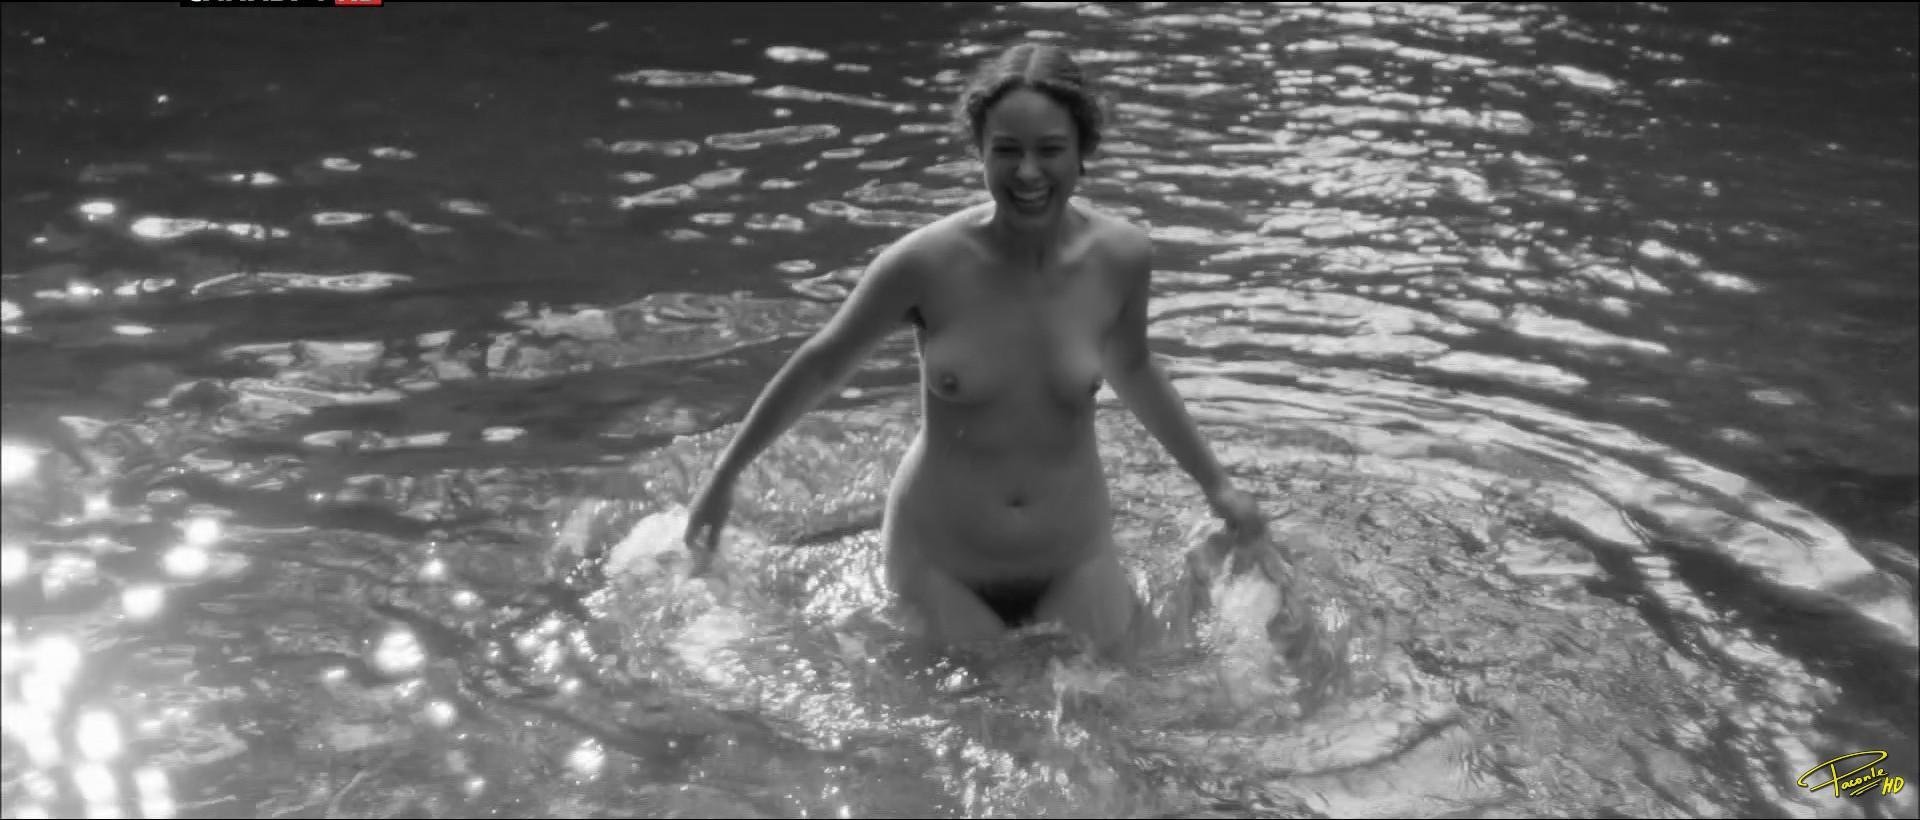 Aida folch nude fin de curso - 3 part 2